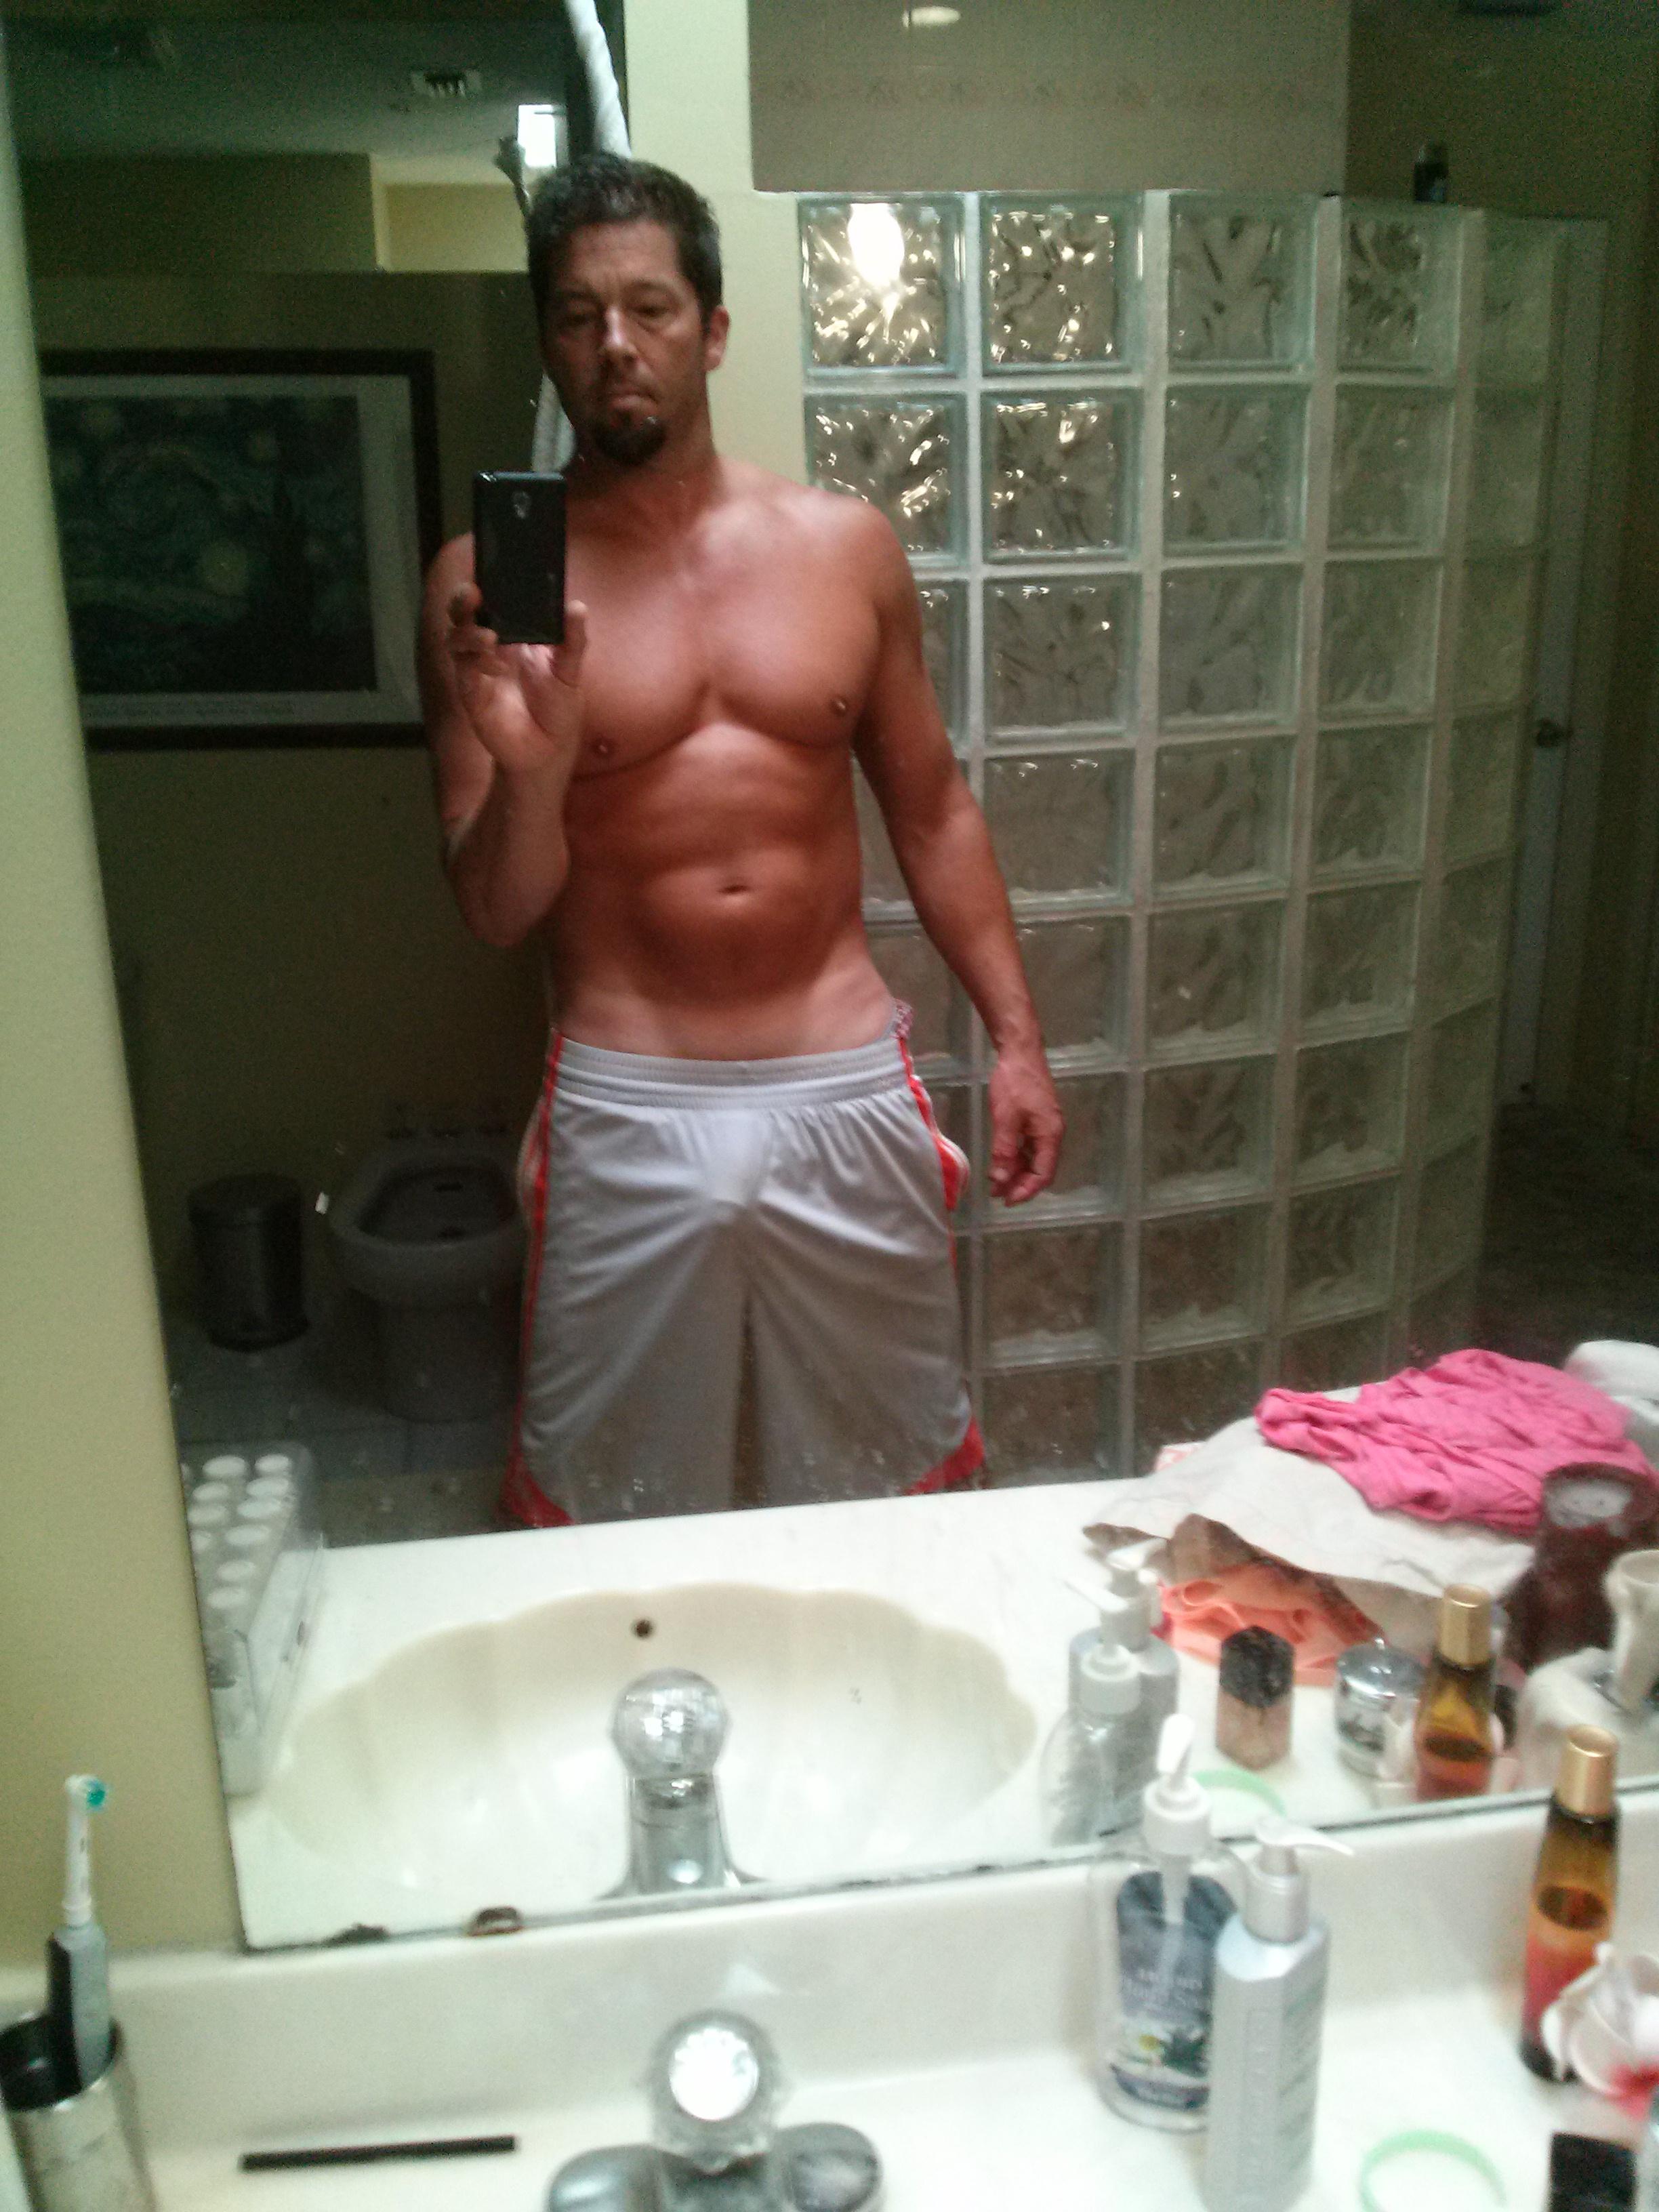 Free Hot Guy Wallpapers - Hot Man In Bath Selfie - HD Wallpaper